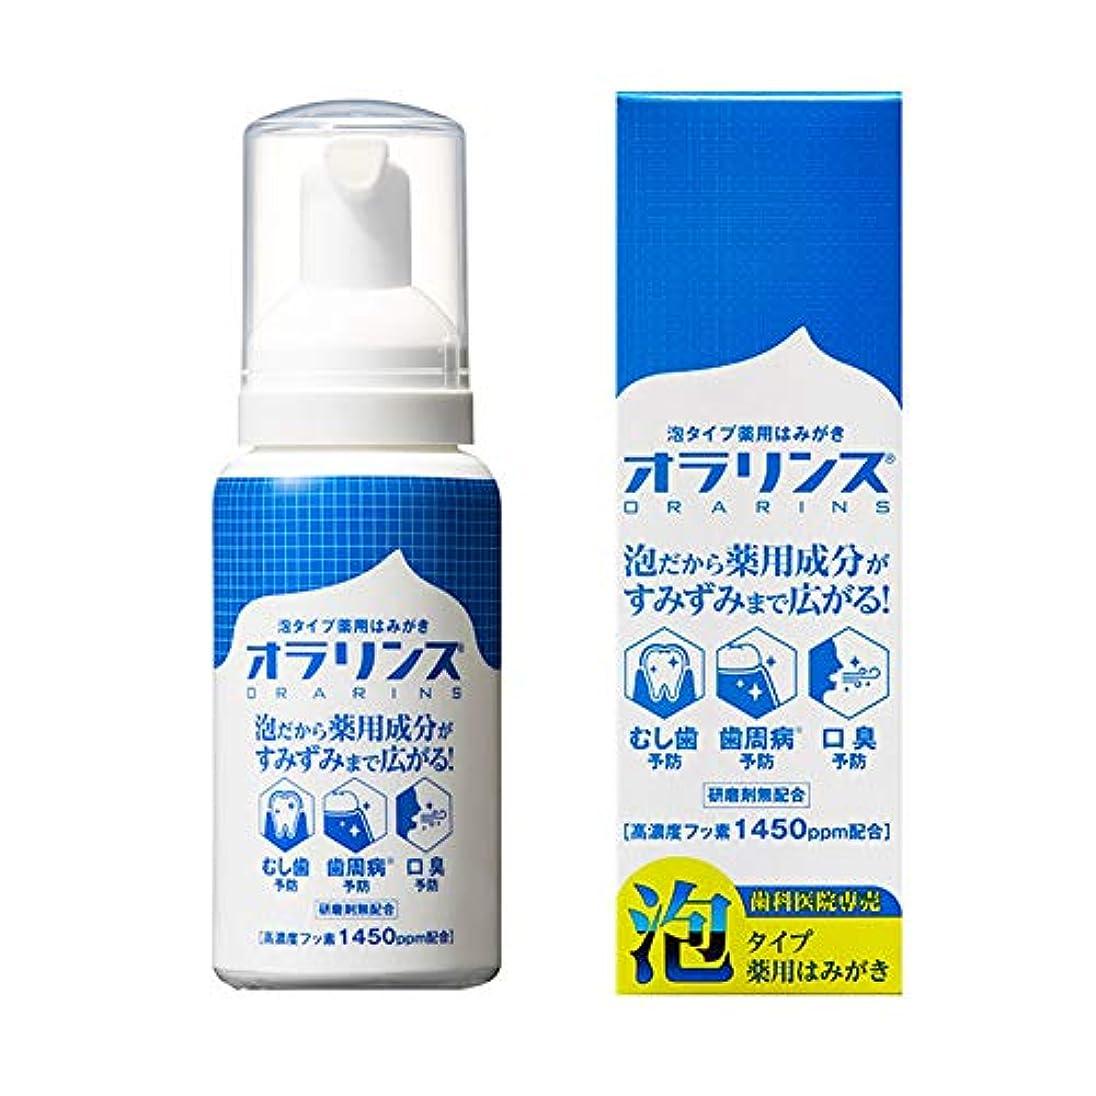 地下非公式無臭オラリンス80ml 泡タイプ薬用歯磨き フッ素1450ppm 歯科専売品